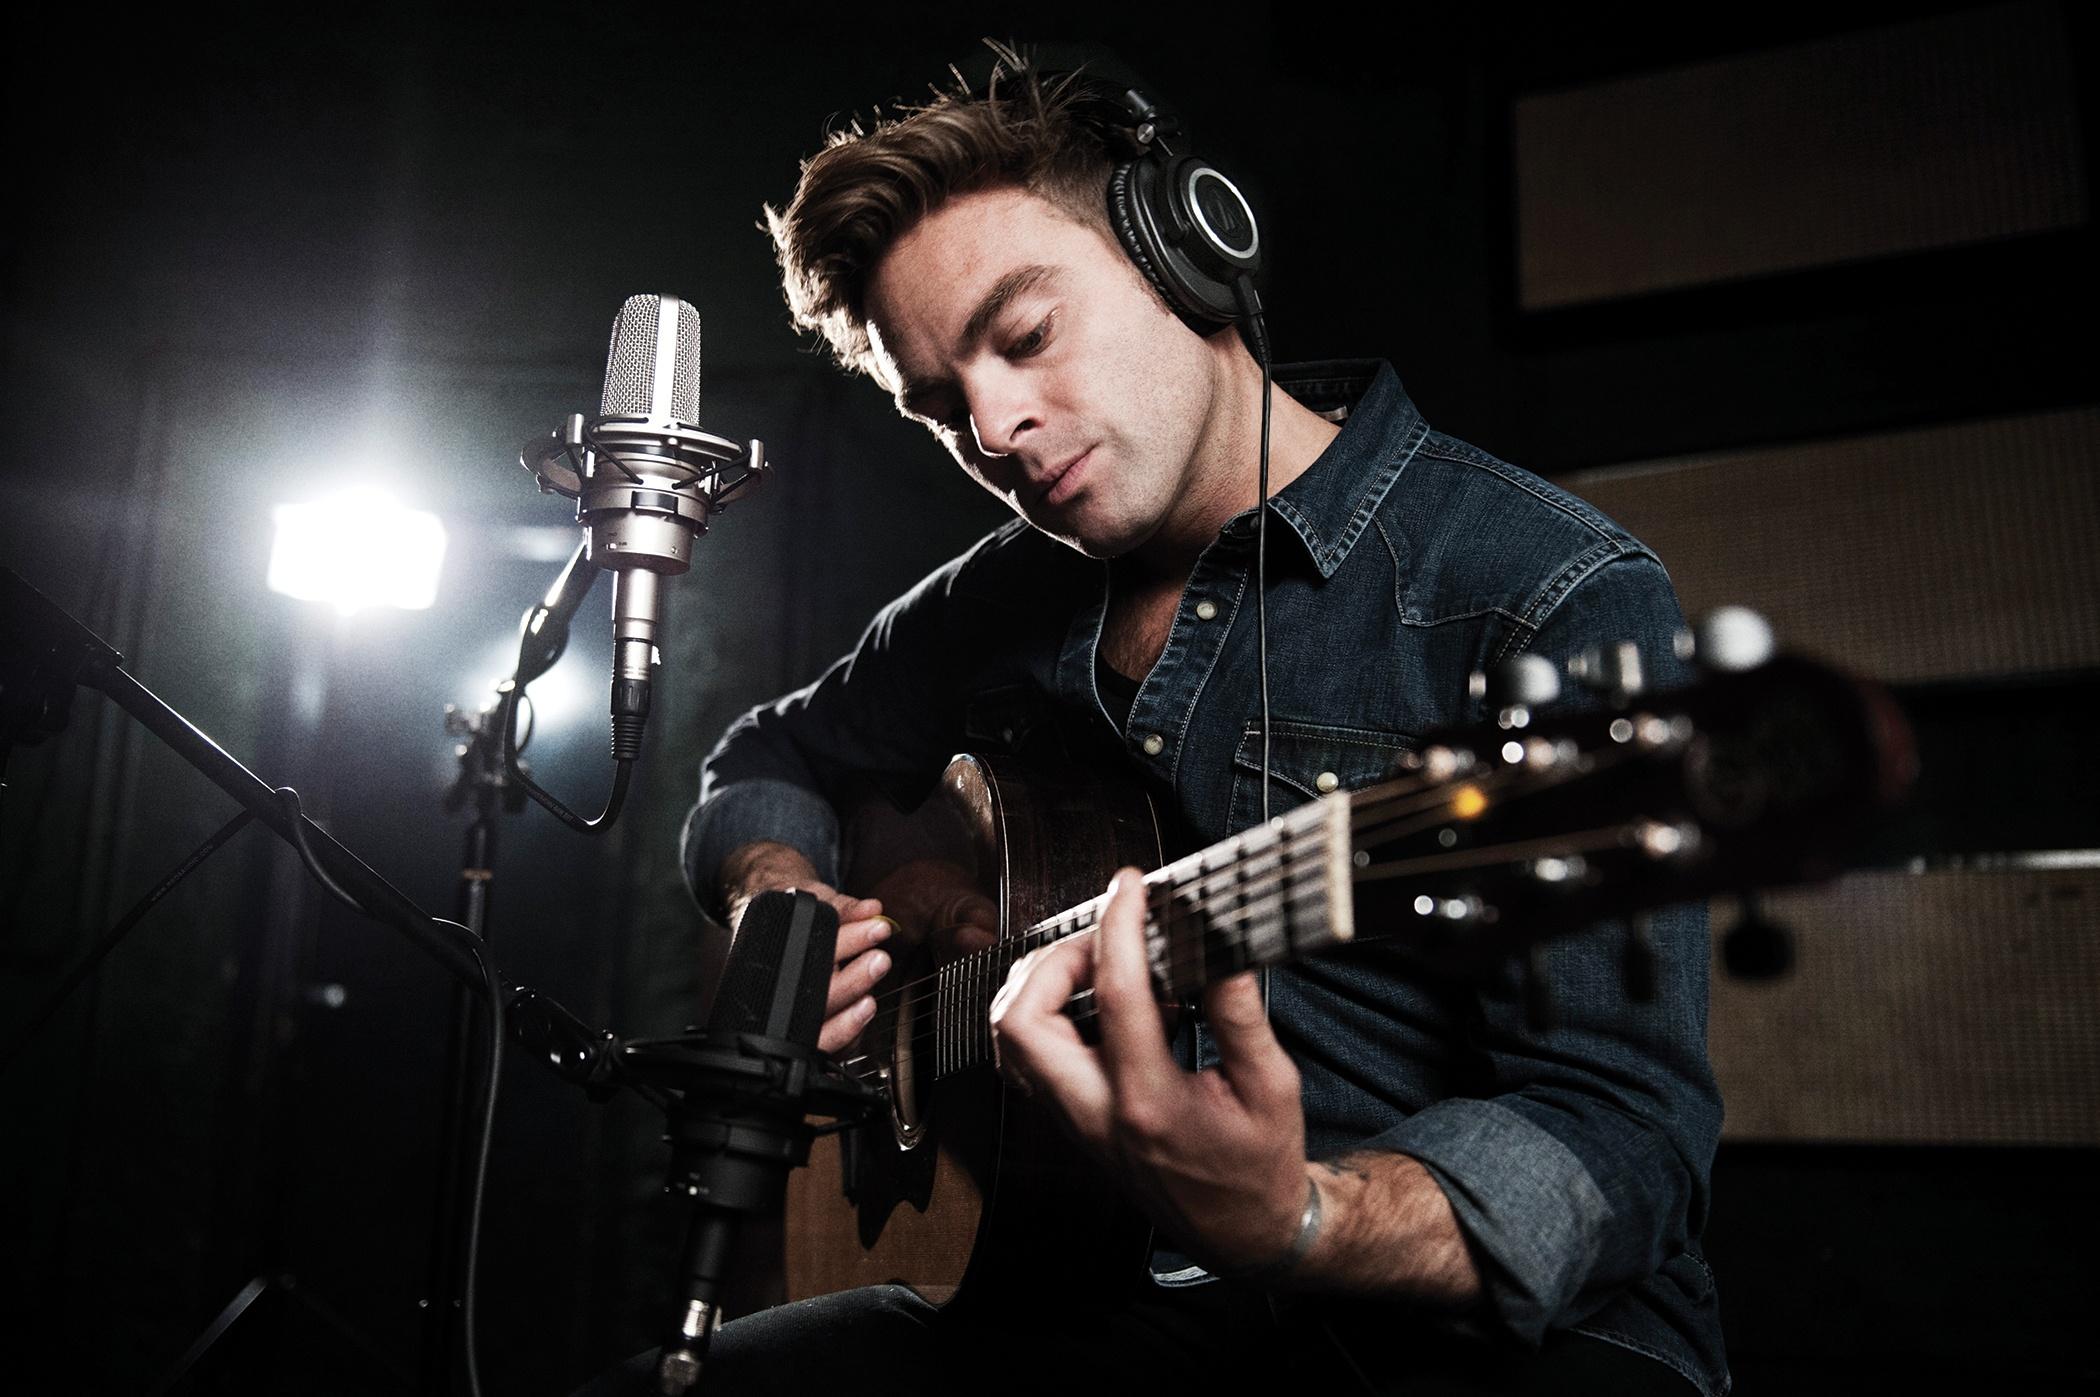 Songwriter-AudioTechnica-USASC.jpg